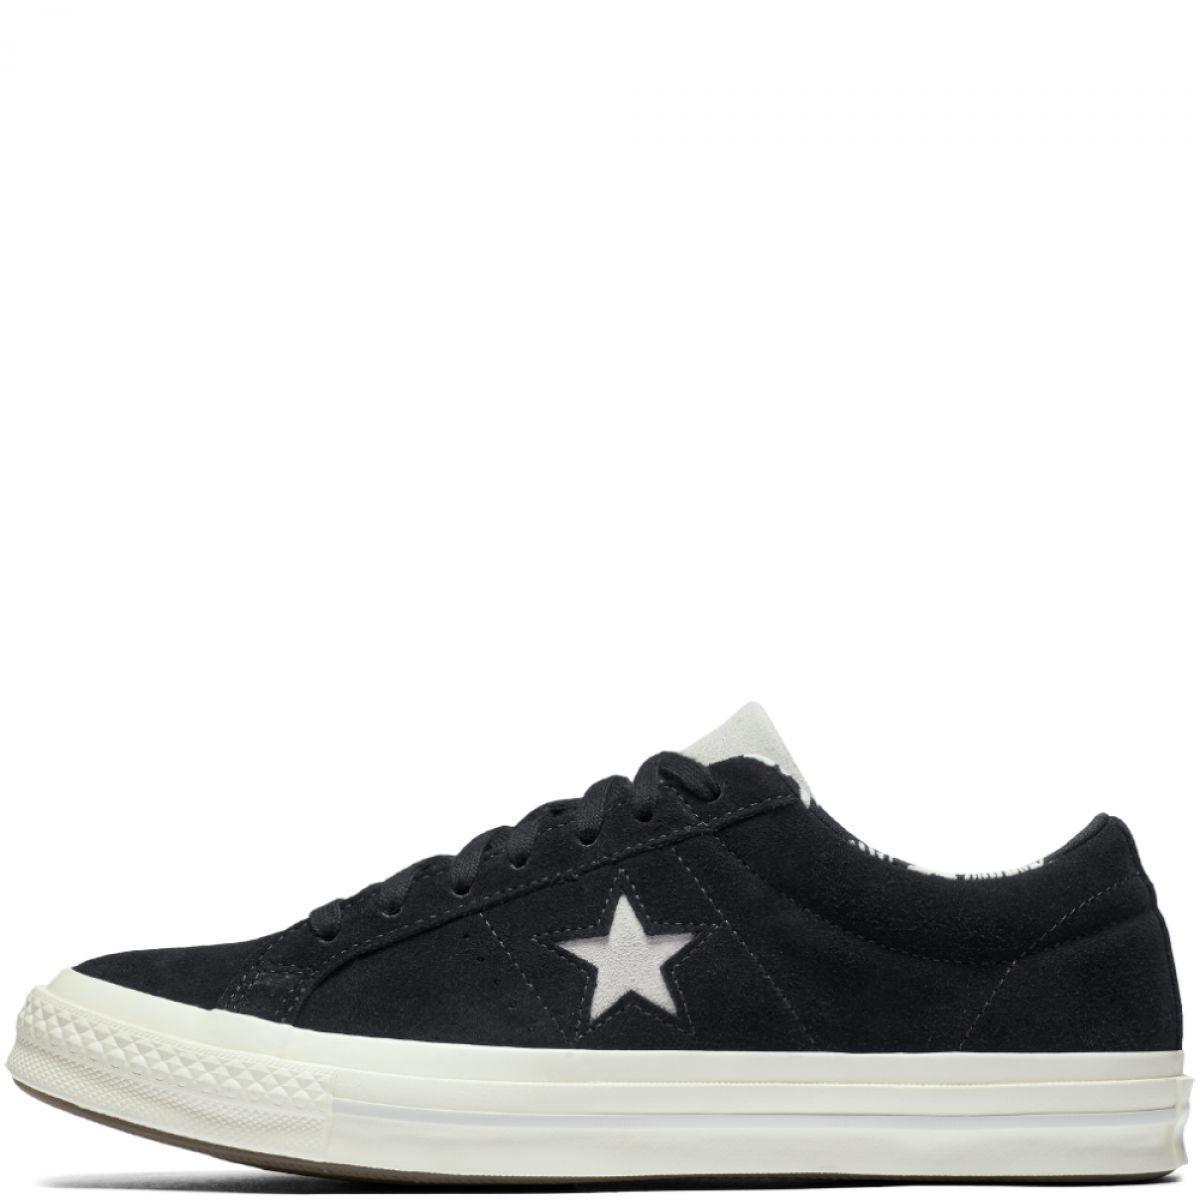 Оригинальные мужские кеды CONVERSE ONE STAR OX   продажа c883e25016a6e